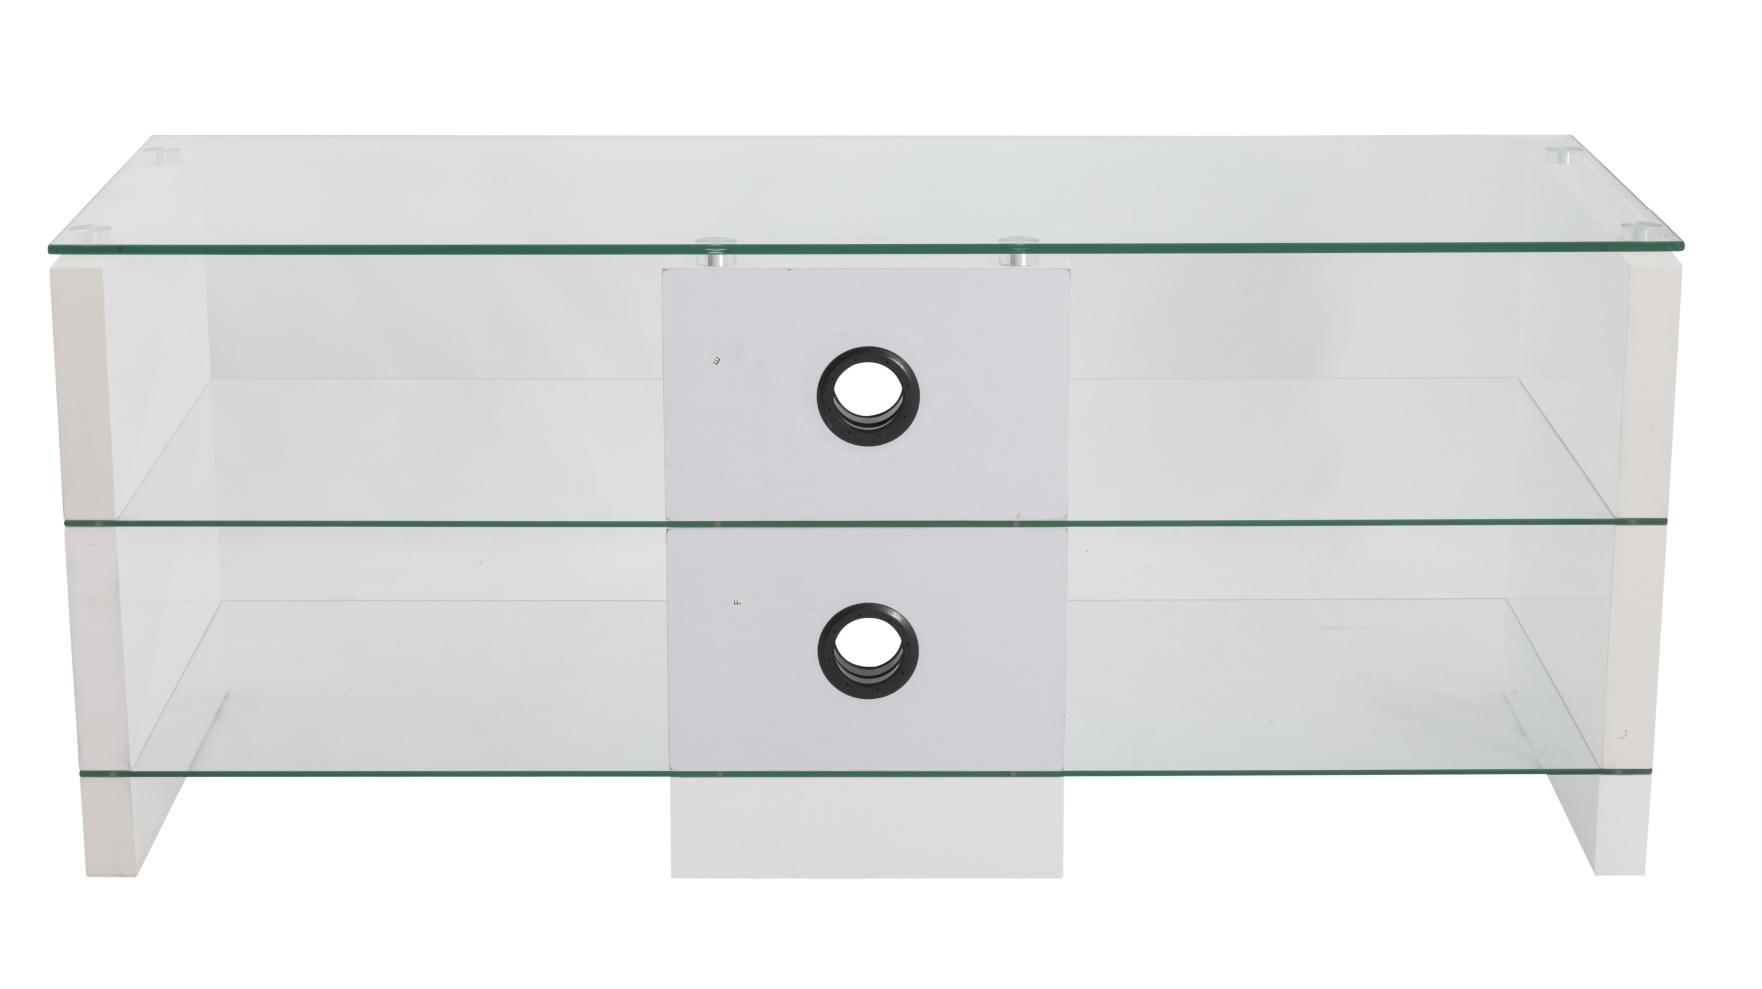 #2D5D4922251580 Tv Meubel Glas Kopen? Online Internetwinkel betrouwbaar Design Glazen Tv Meubels 1147 afbeelding opslaan 17629891147 Idee